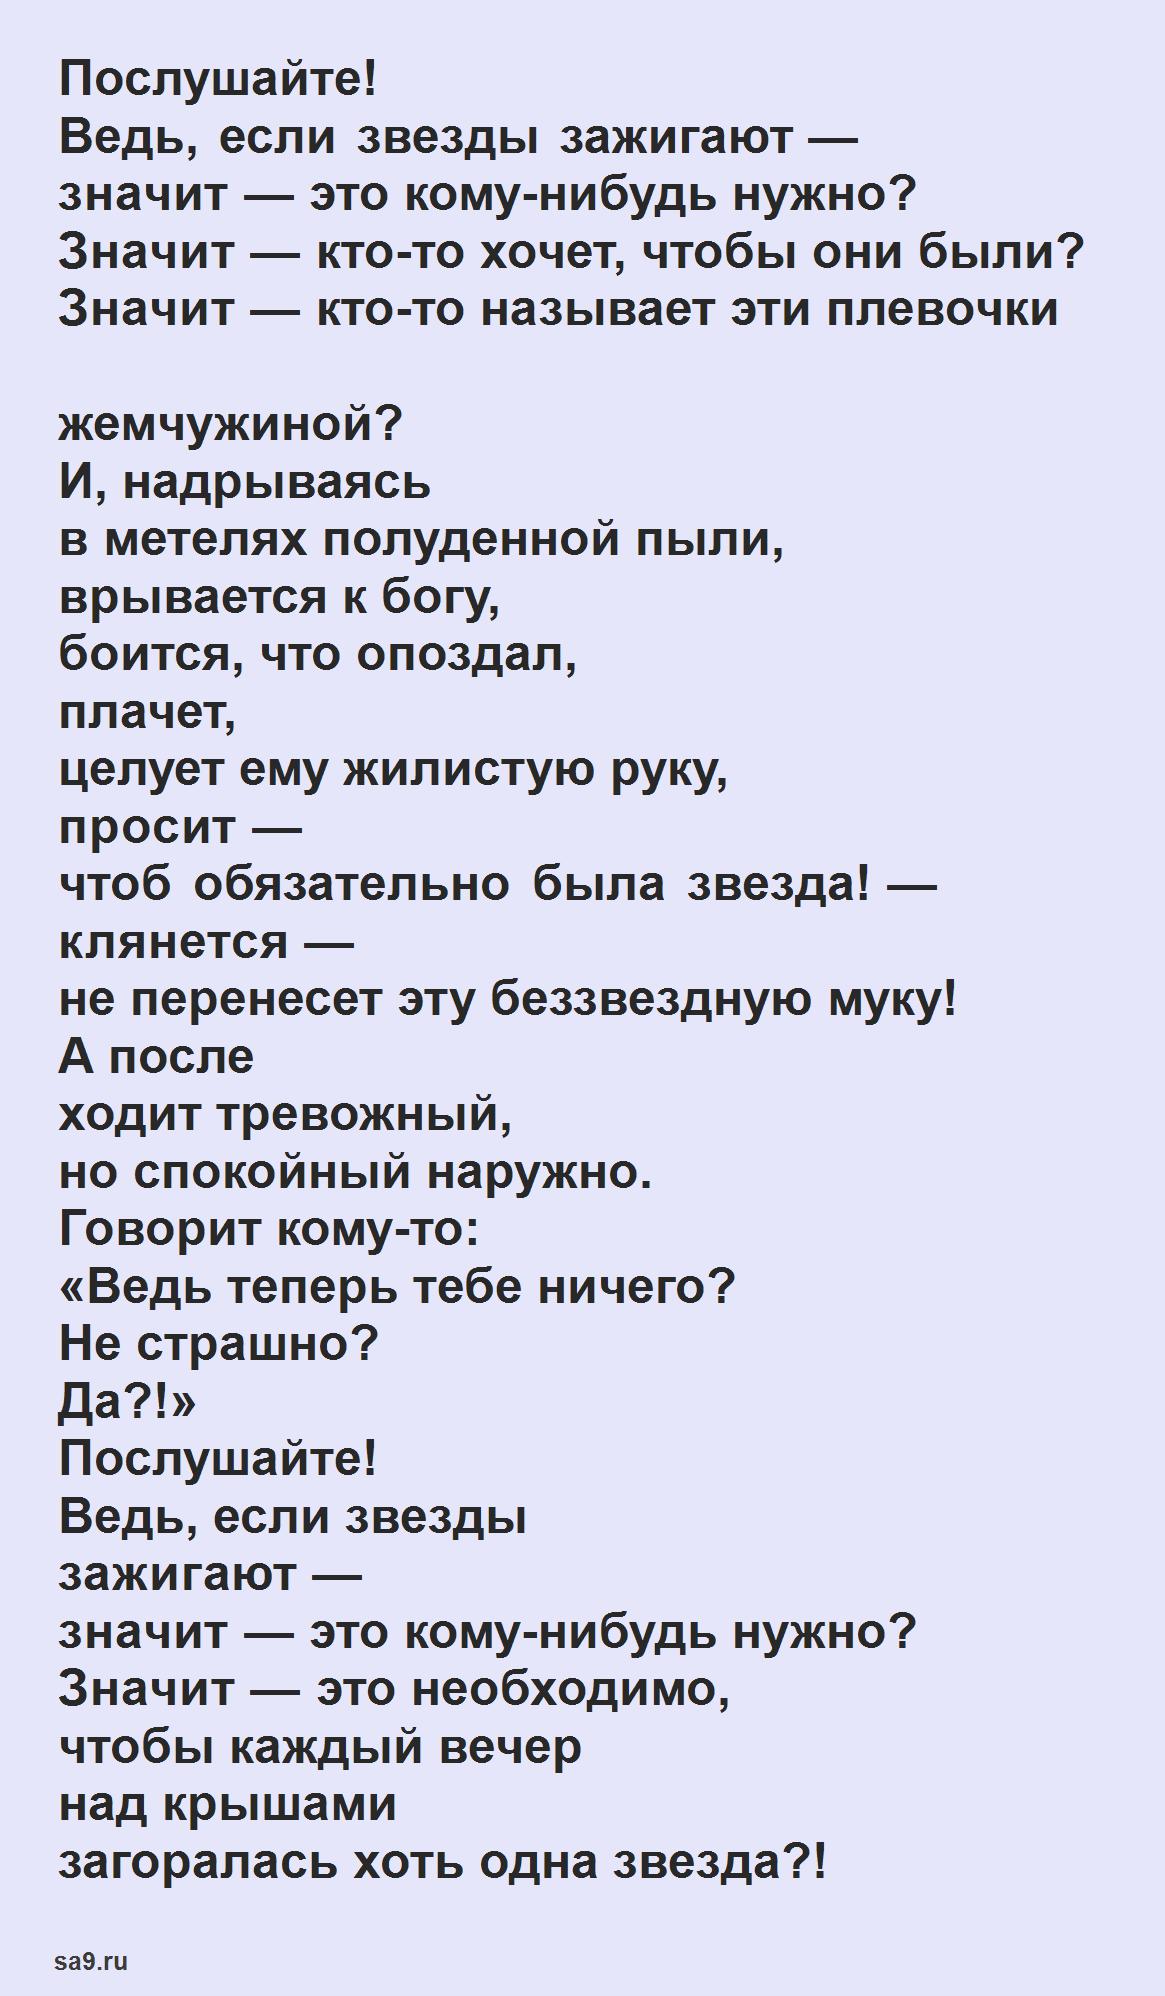 Послушайте Маяковский стих